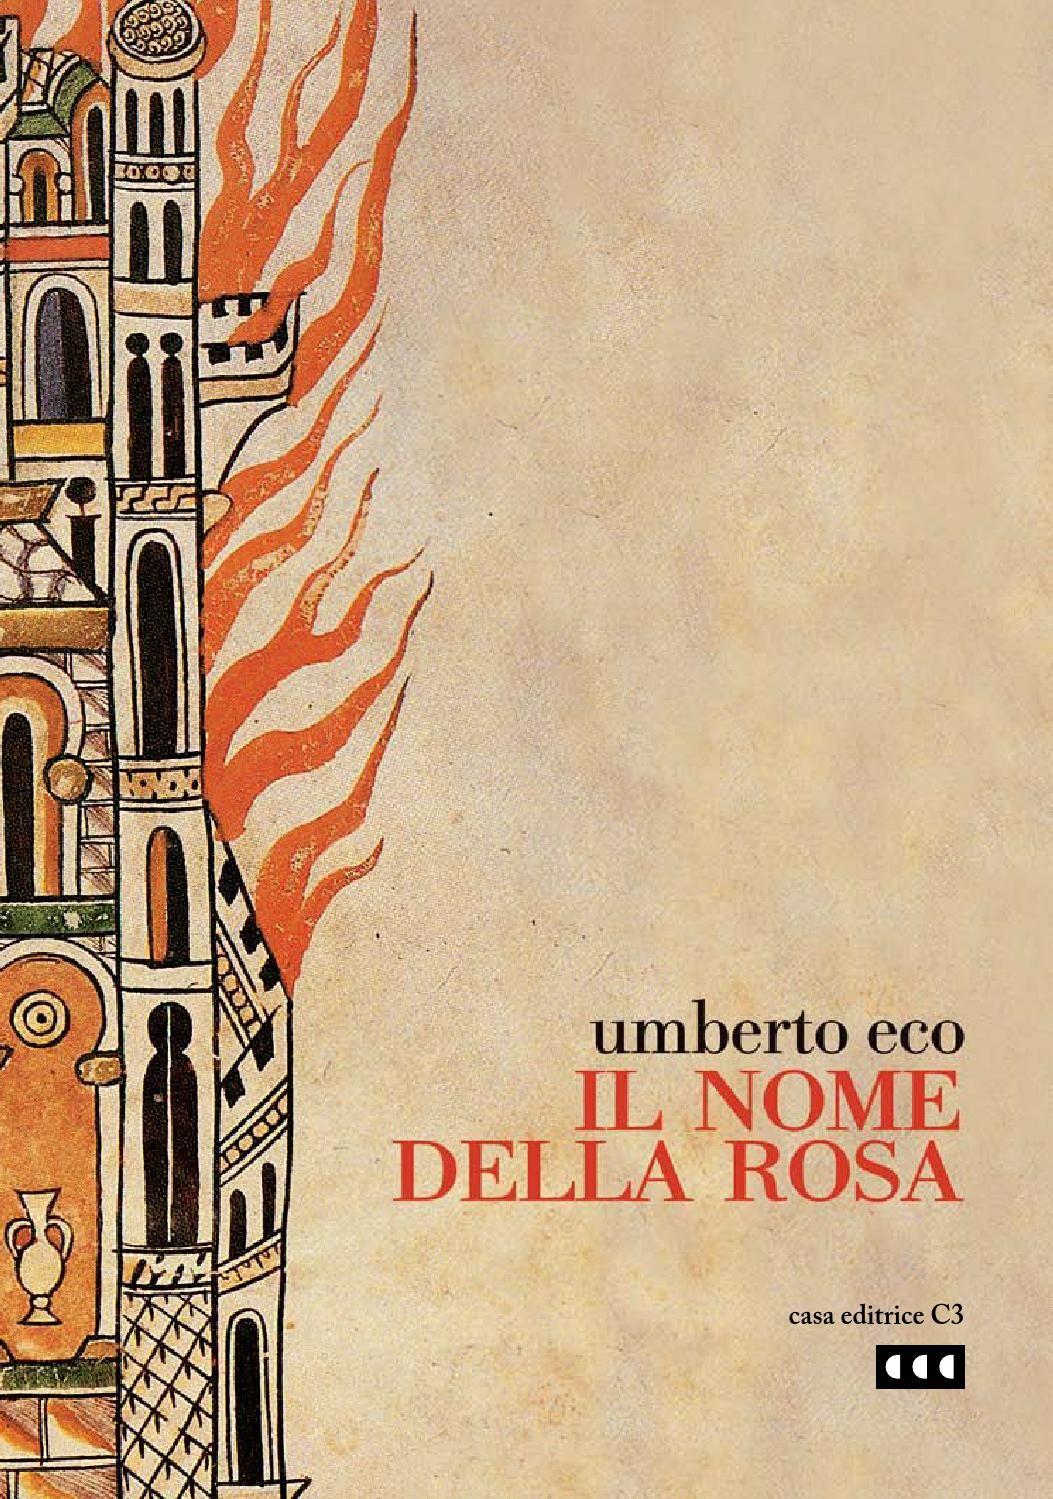 Il Nome Della Rosa Edizione Celebrativa Book Writer Books Book Cover Design